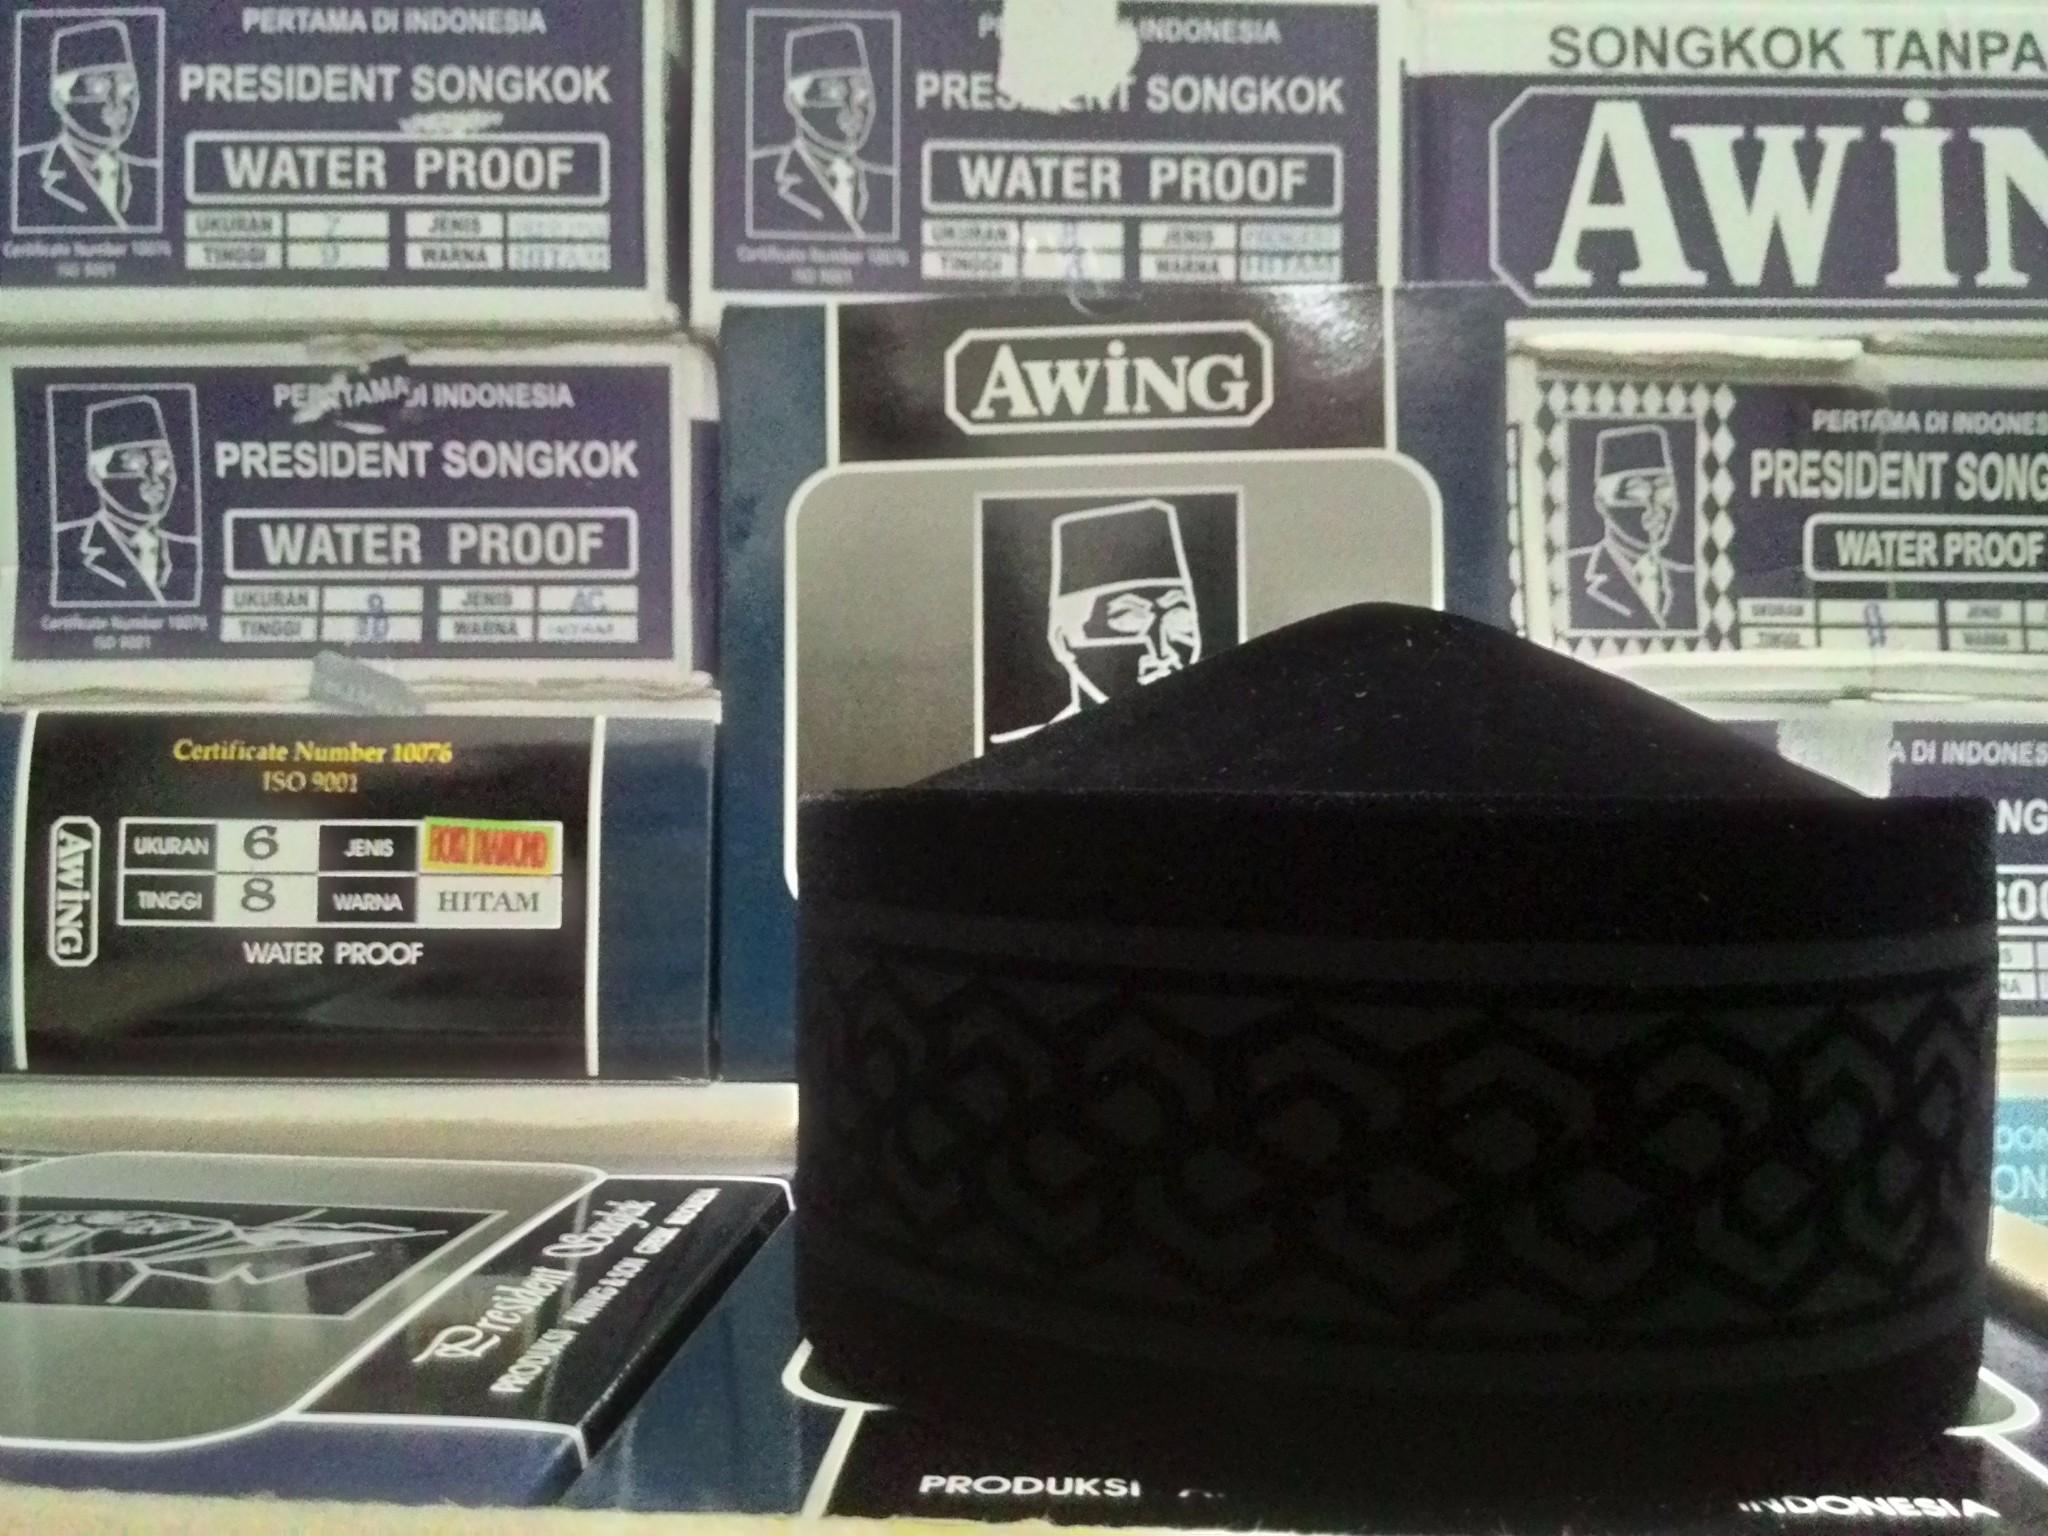 Songkok Awing salah satu merk songkok terbaik tokopedia.com